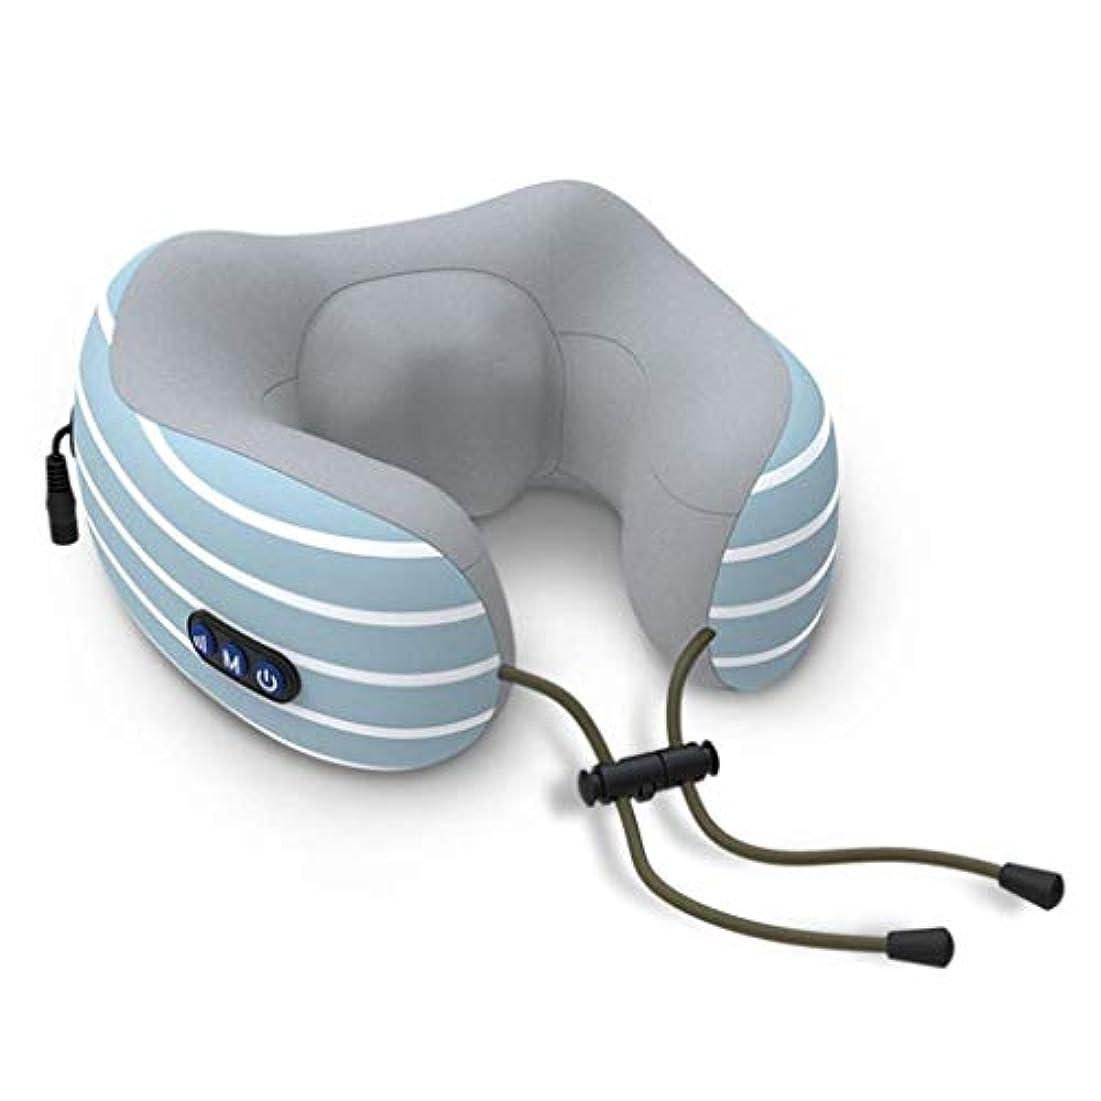 経済変換するフェミニン肩と首のマッサージ、U字型の首のマッサージ、3D指圧マッサージのディープニーディング、筋肉をリラックスさせる電気マッサージ、痛みを和らげる、オフィスファミリー向け (Color : 青)